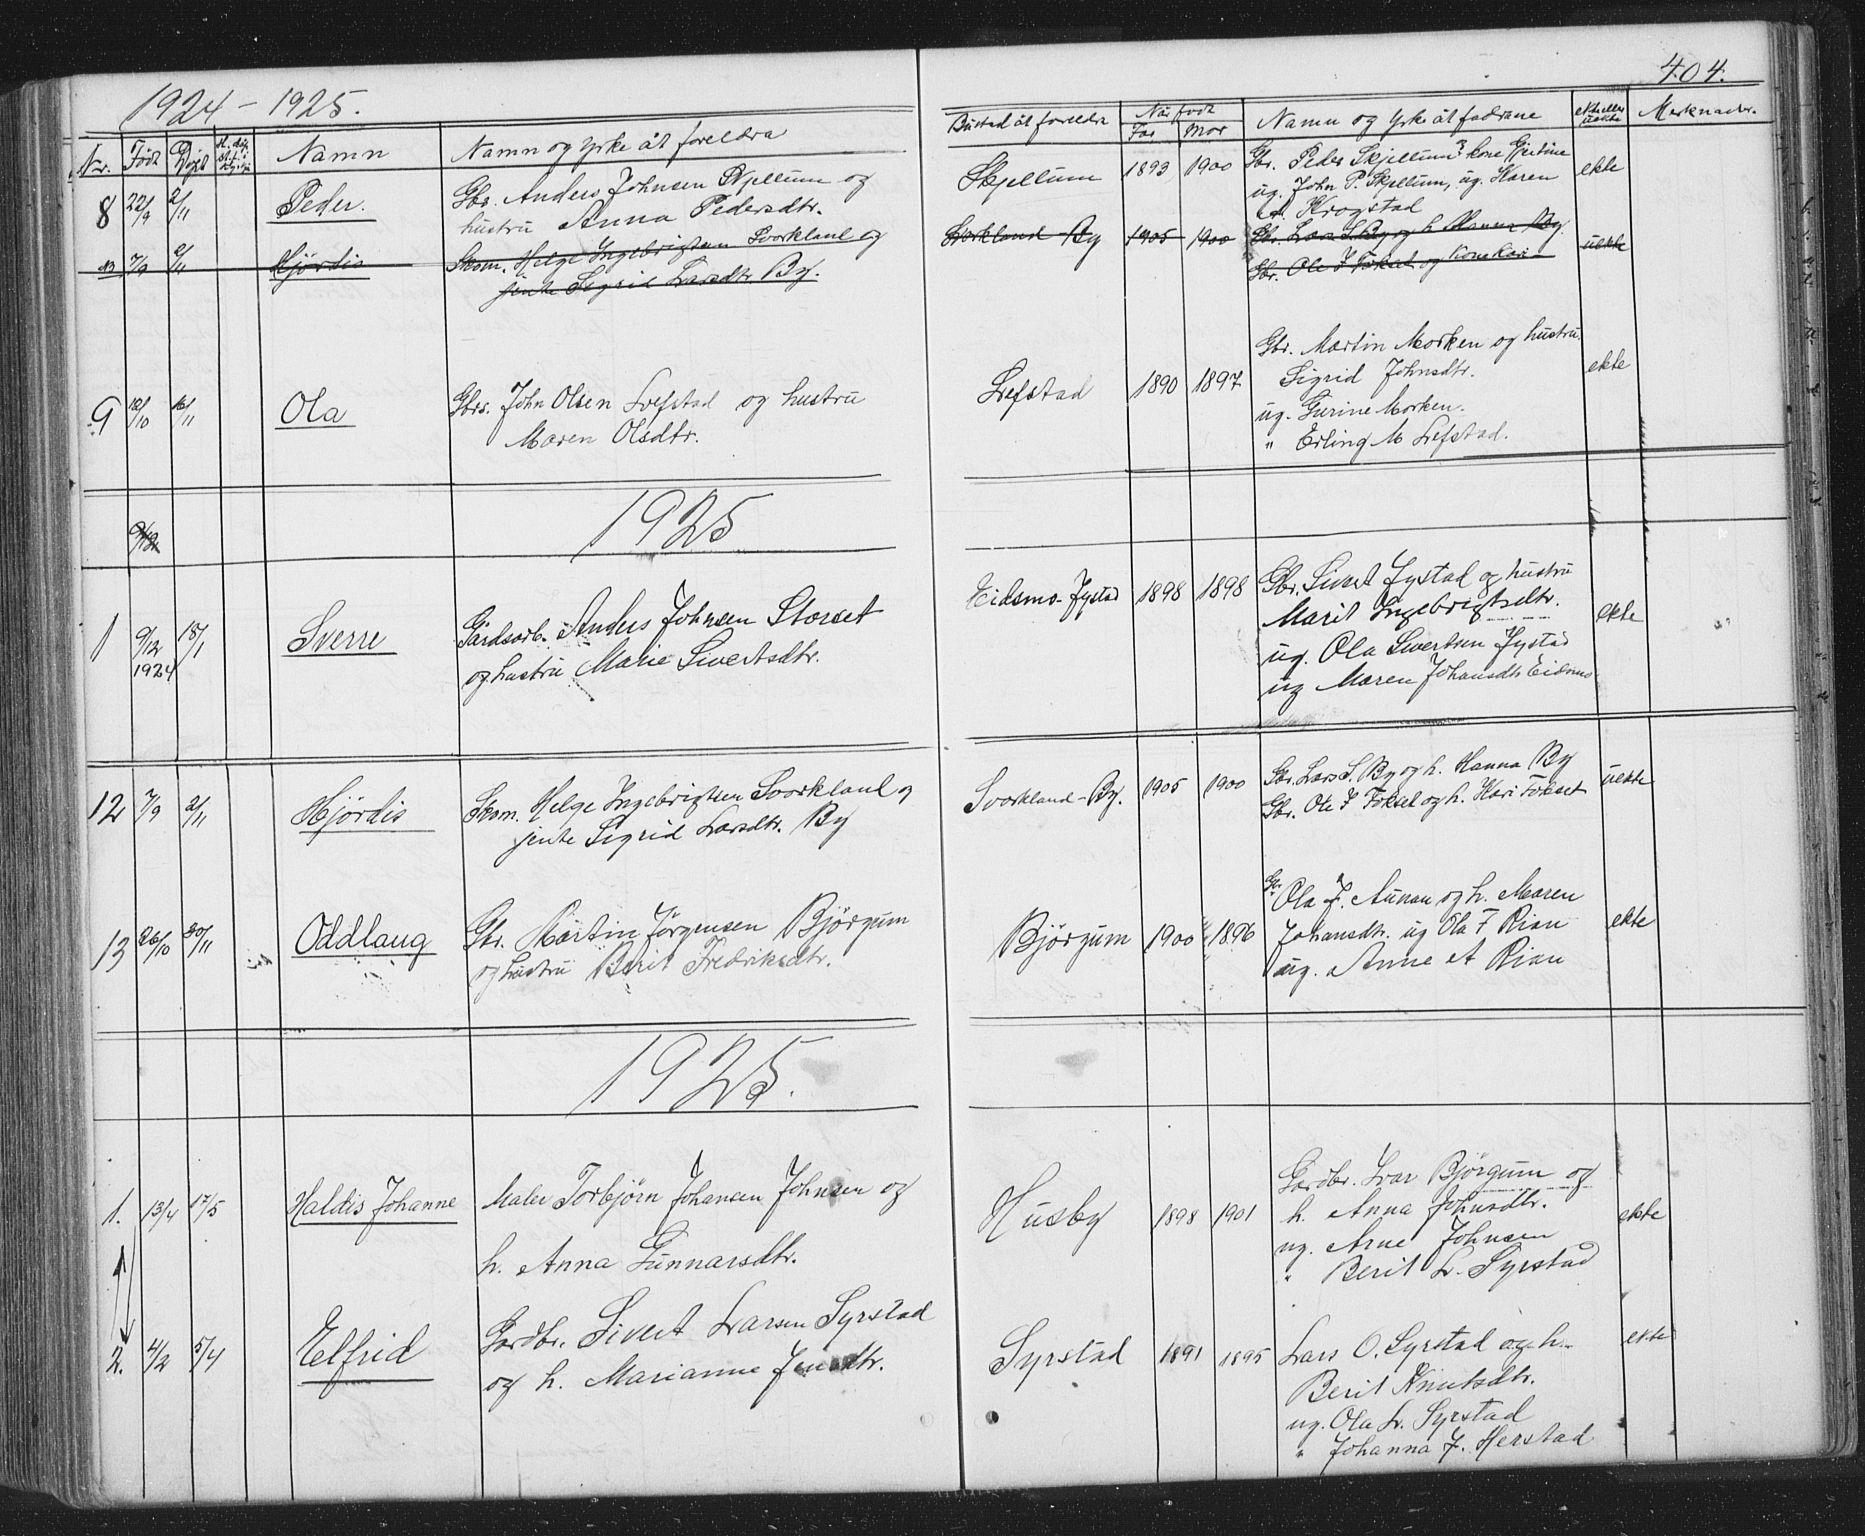 SAT, Ministerialprotokoller, klokkerbøker og fødselsregistre - Sør-Trøndelag, 667/L0798: Klokkerbok nr. 667C03, 1867-1929, s. 404